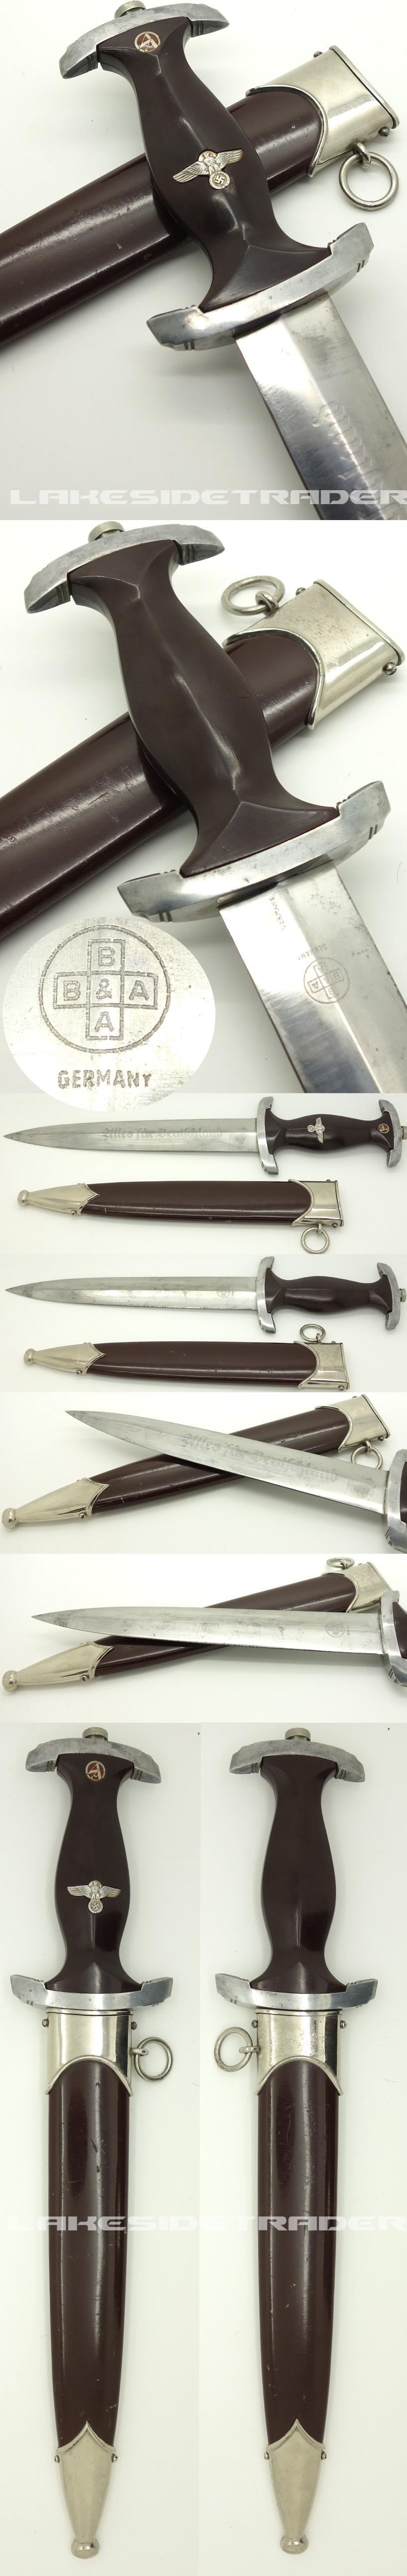 Bolte & Anschutz SA Dagger